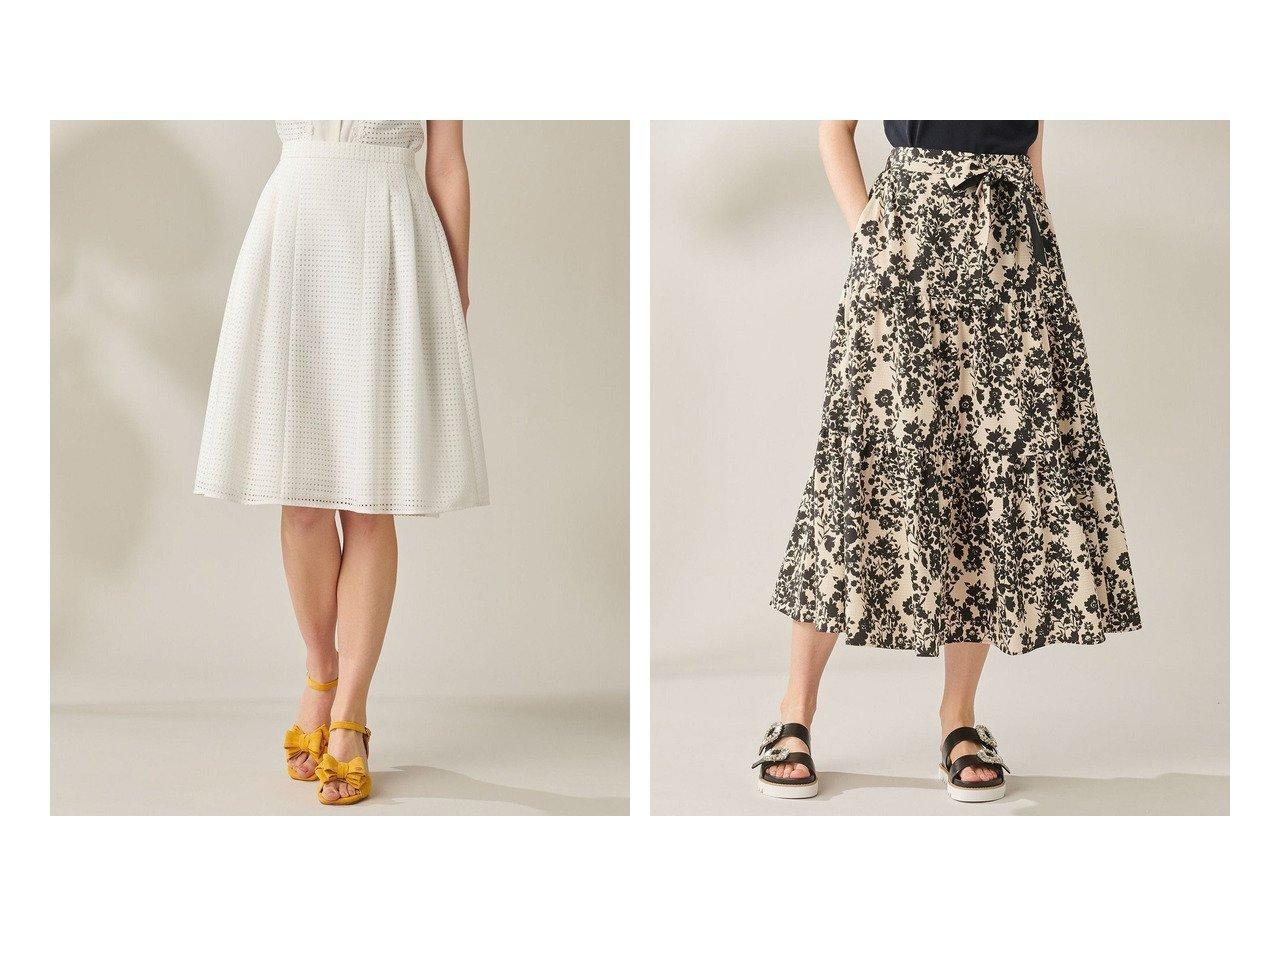 【TOCCA/トッカ】の【洗える!】CARINA SKIRT スカート&【洗える!】STATICE SKIRT スカート 【スカート】おすすめ!人気、トレンド・レディースファッションの通販 おすすめで人気の流行・トレンド、ファッションの通販商品 インテリア・家具・メンズファッション・キッズファッション・レディースファッション・服の通販 founy(ファニー) https://founy.com/ ファッション Fashion レディースファッション WOMEN スカート Skirt 送料無料 Free Shipping 2021年 2021 2021春夏・S/S SS/Spring/Summer/2021 洗える |ID:crp329100000044062